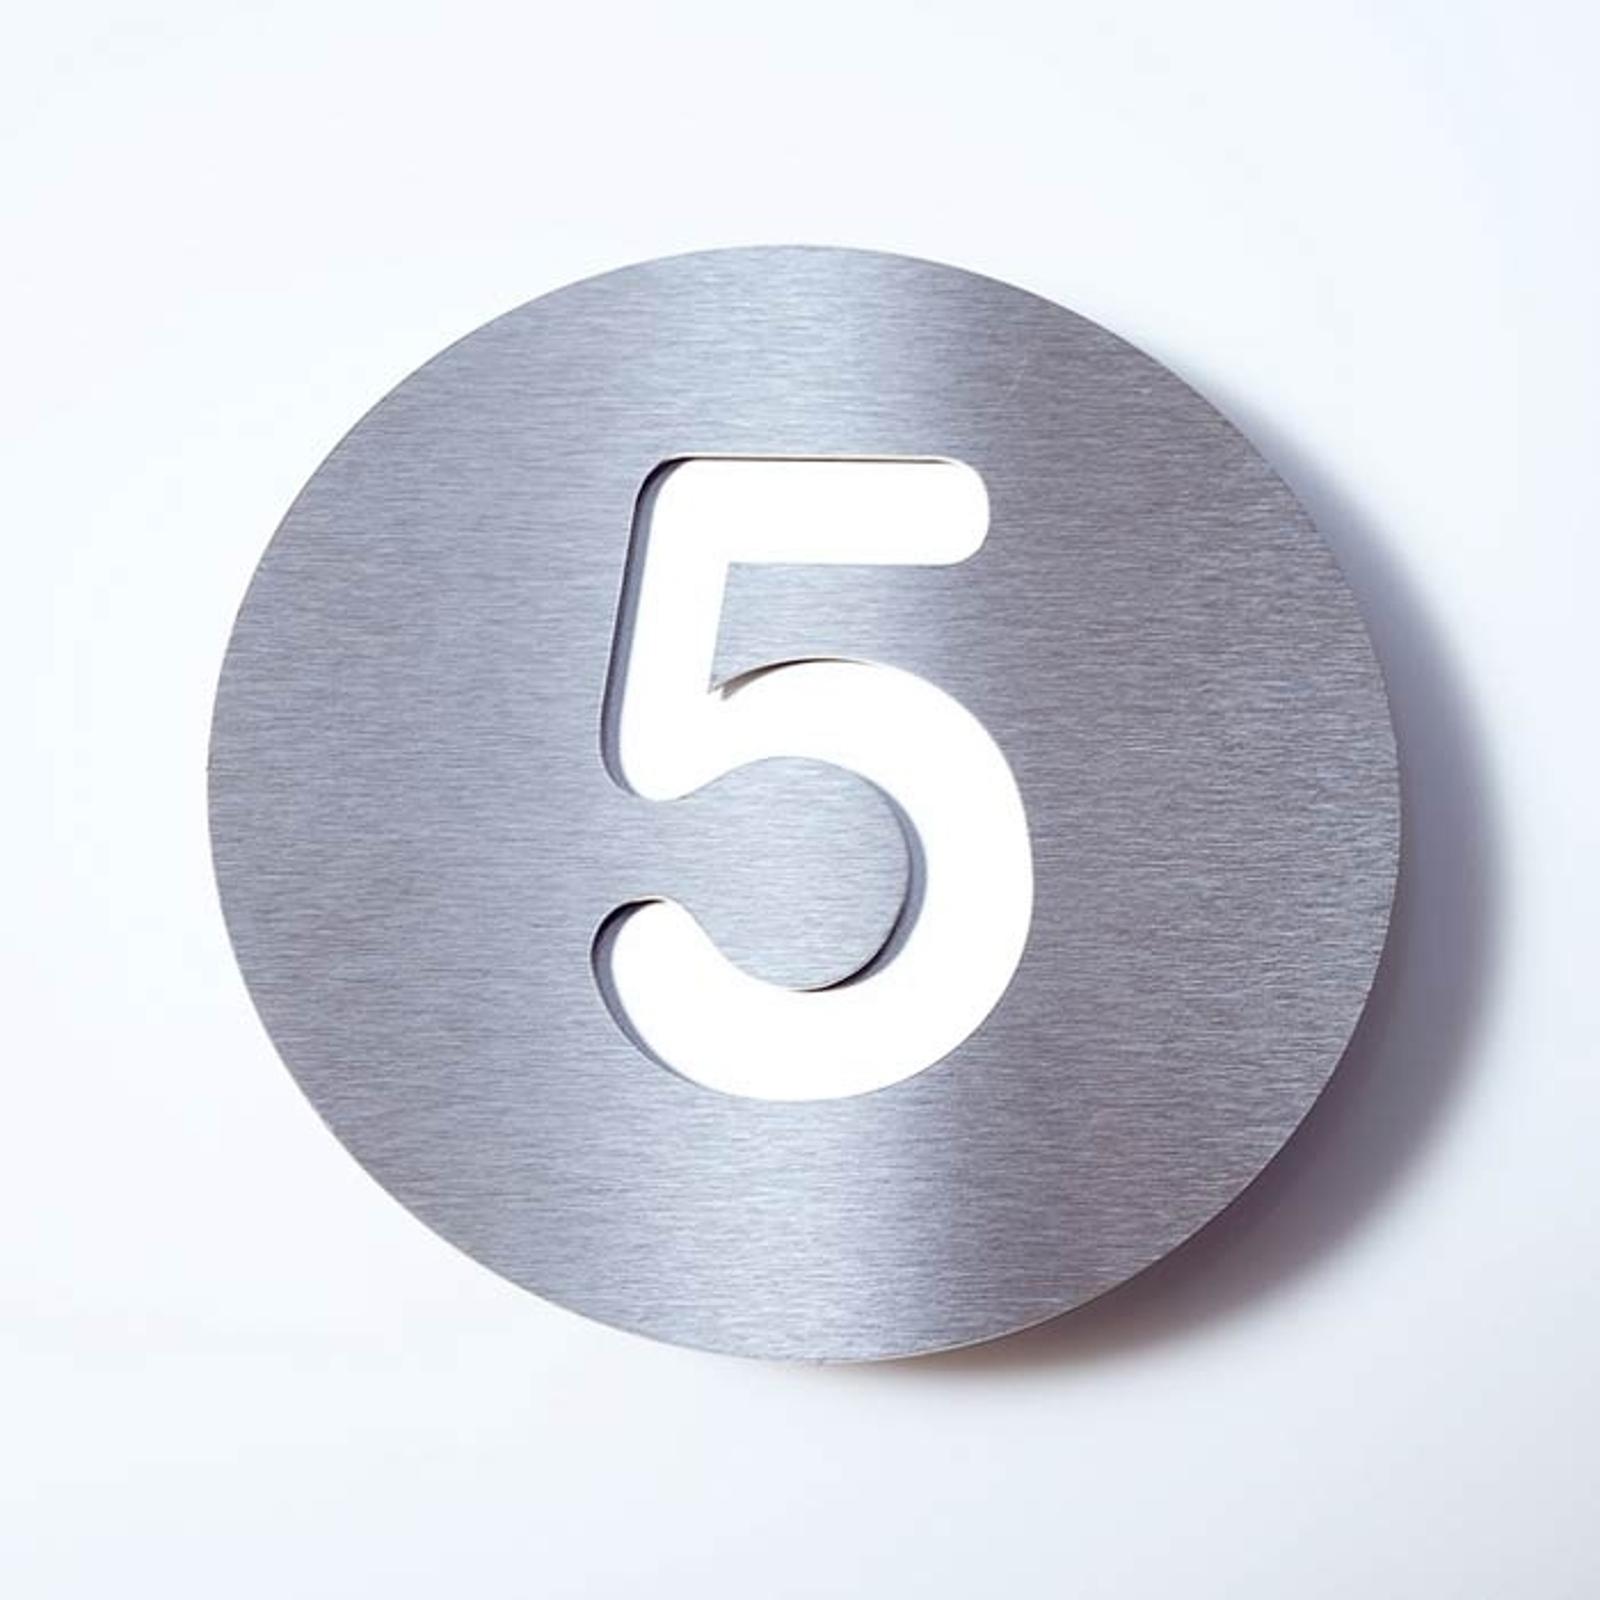 Domovní číslo Round z nerezu - 5